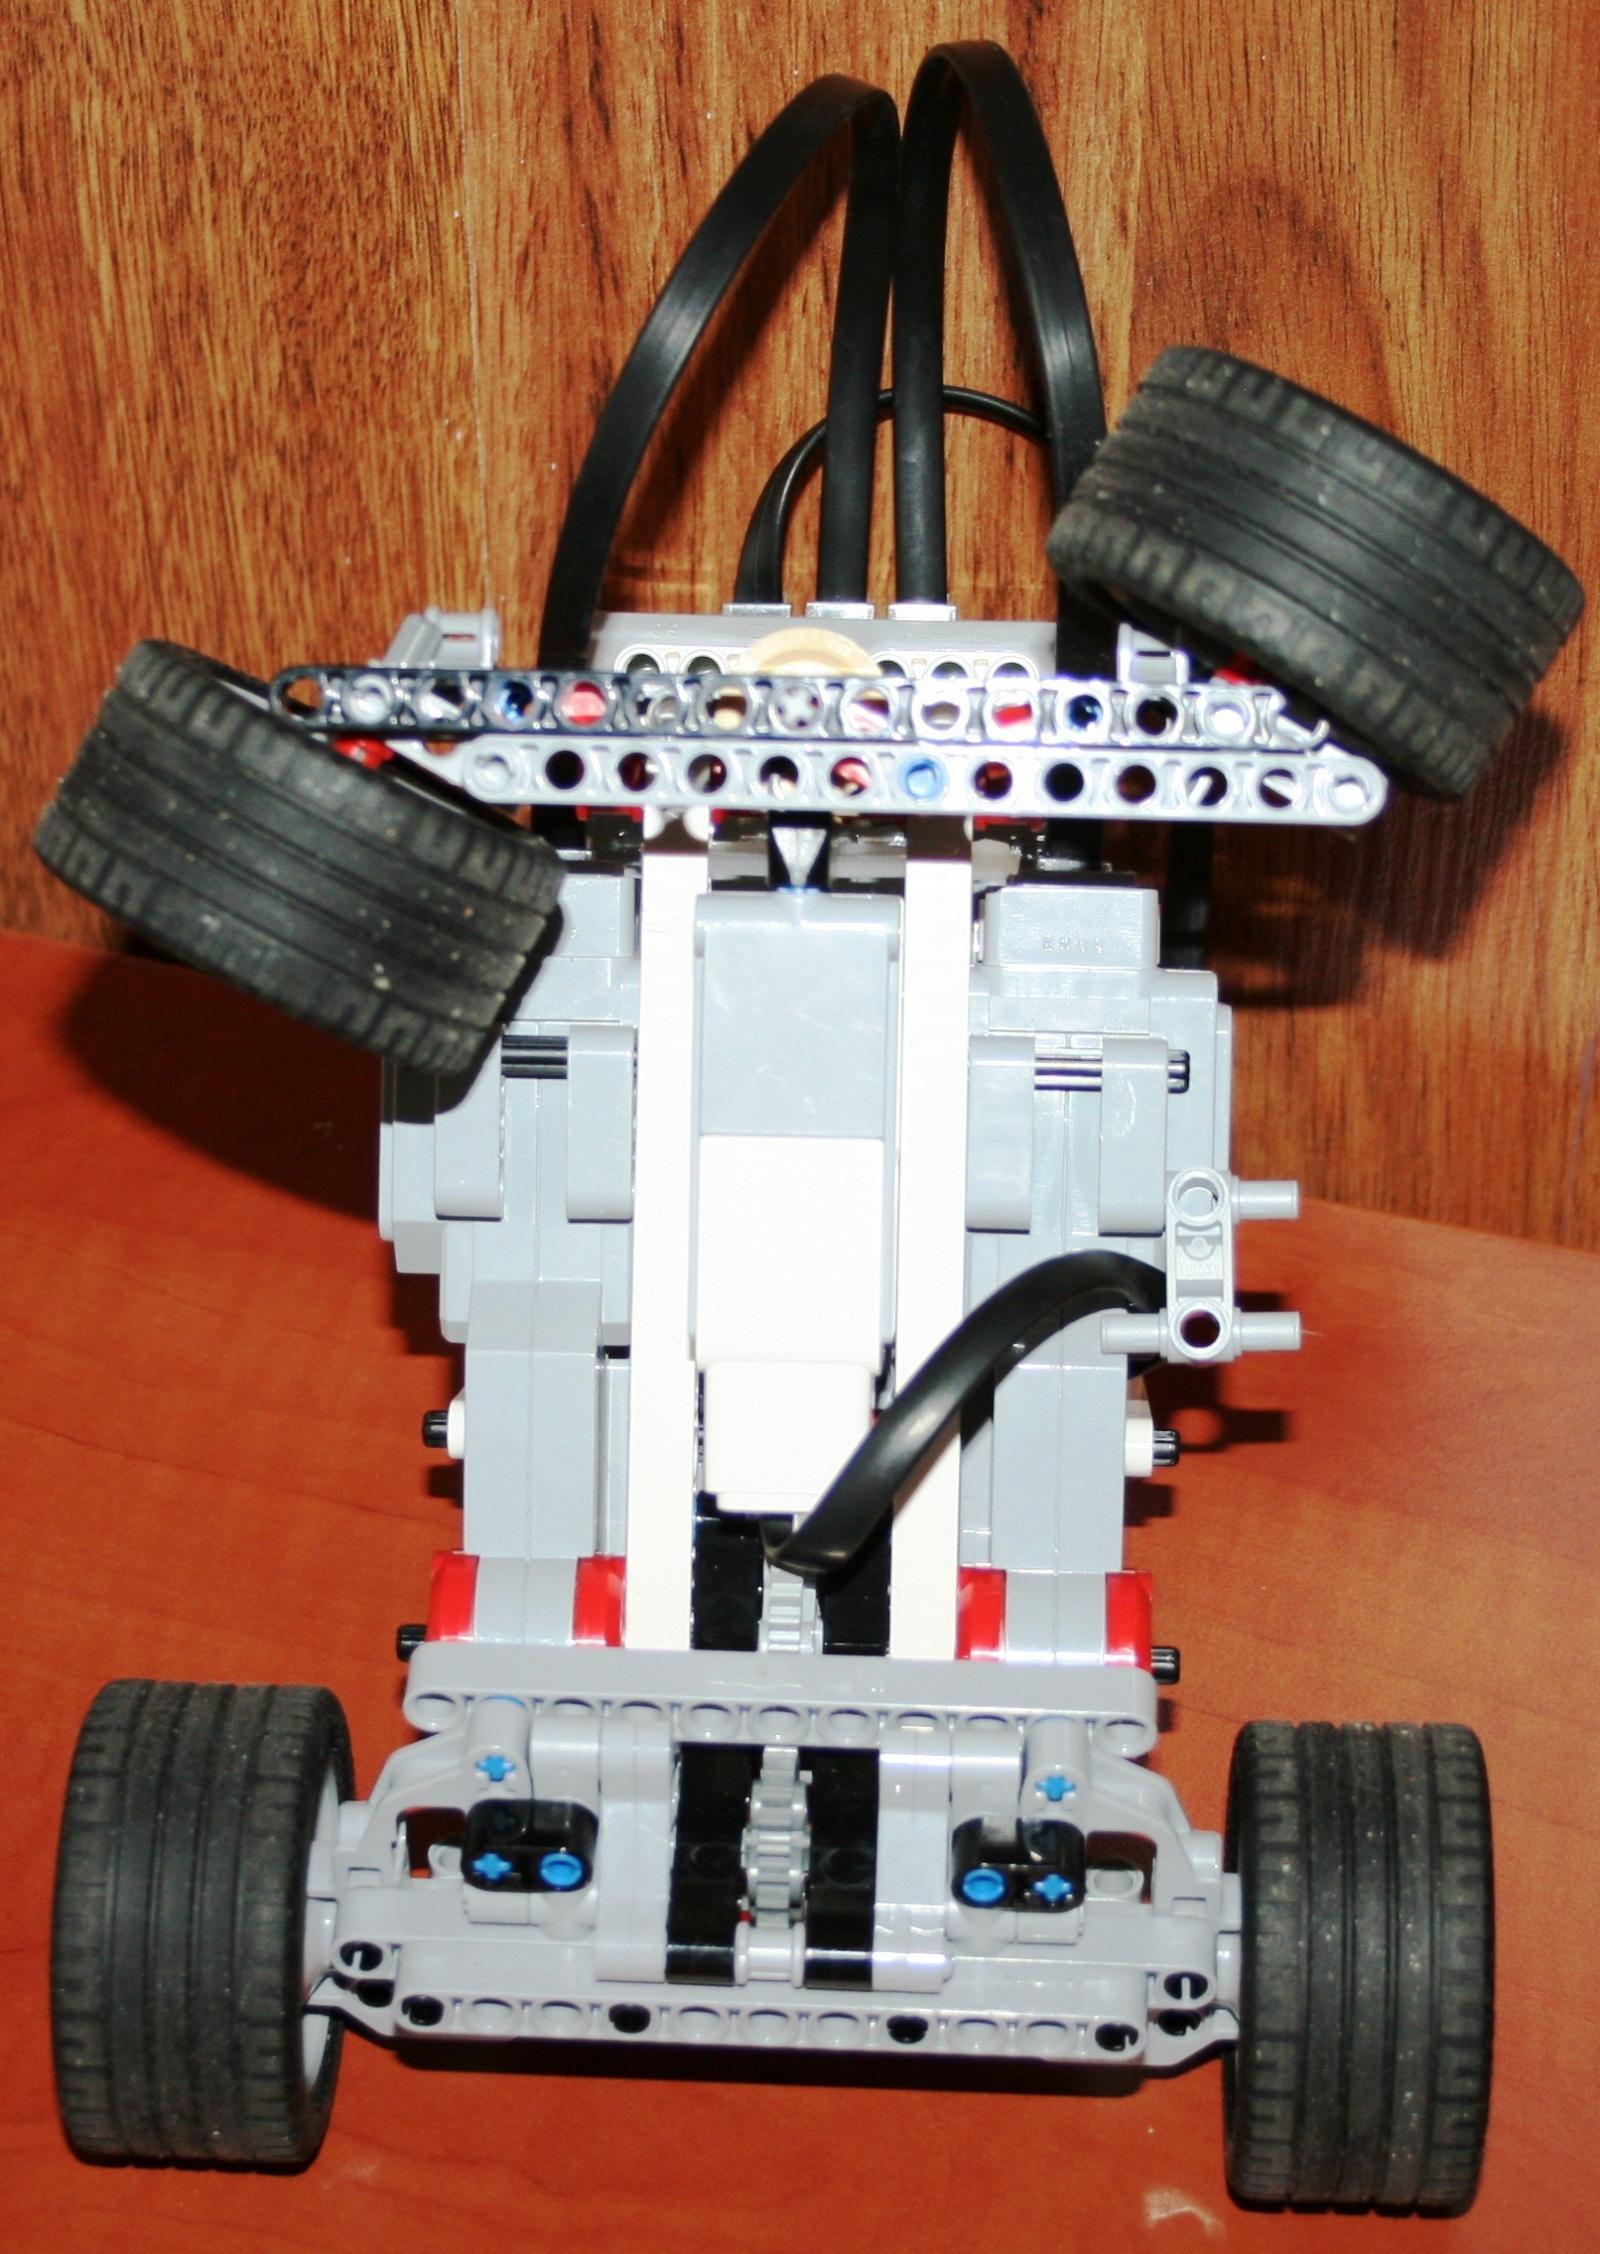 Взаимодействие с роботом на базе конструктора Lego Mindstorms EV3 через RCML - 3